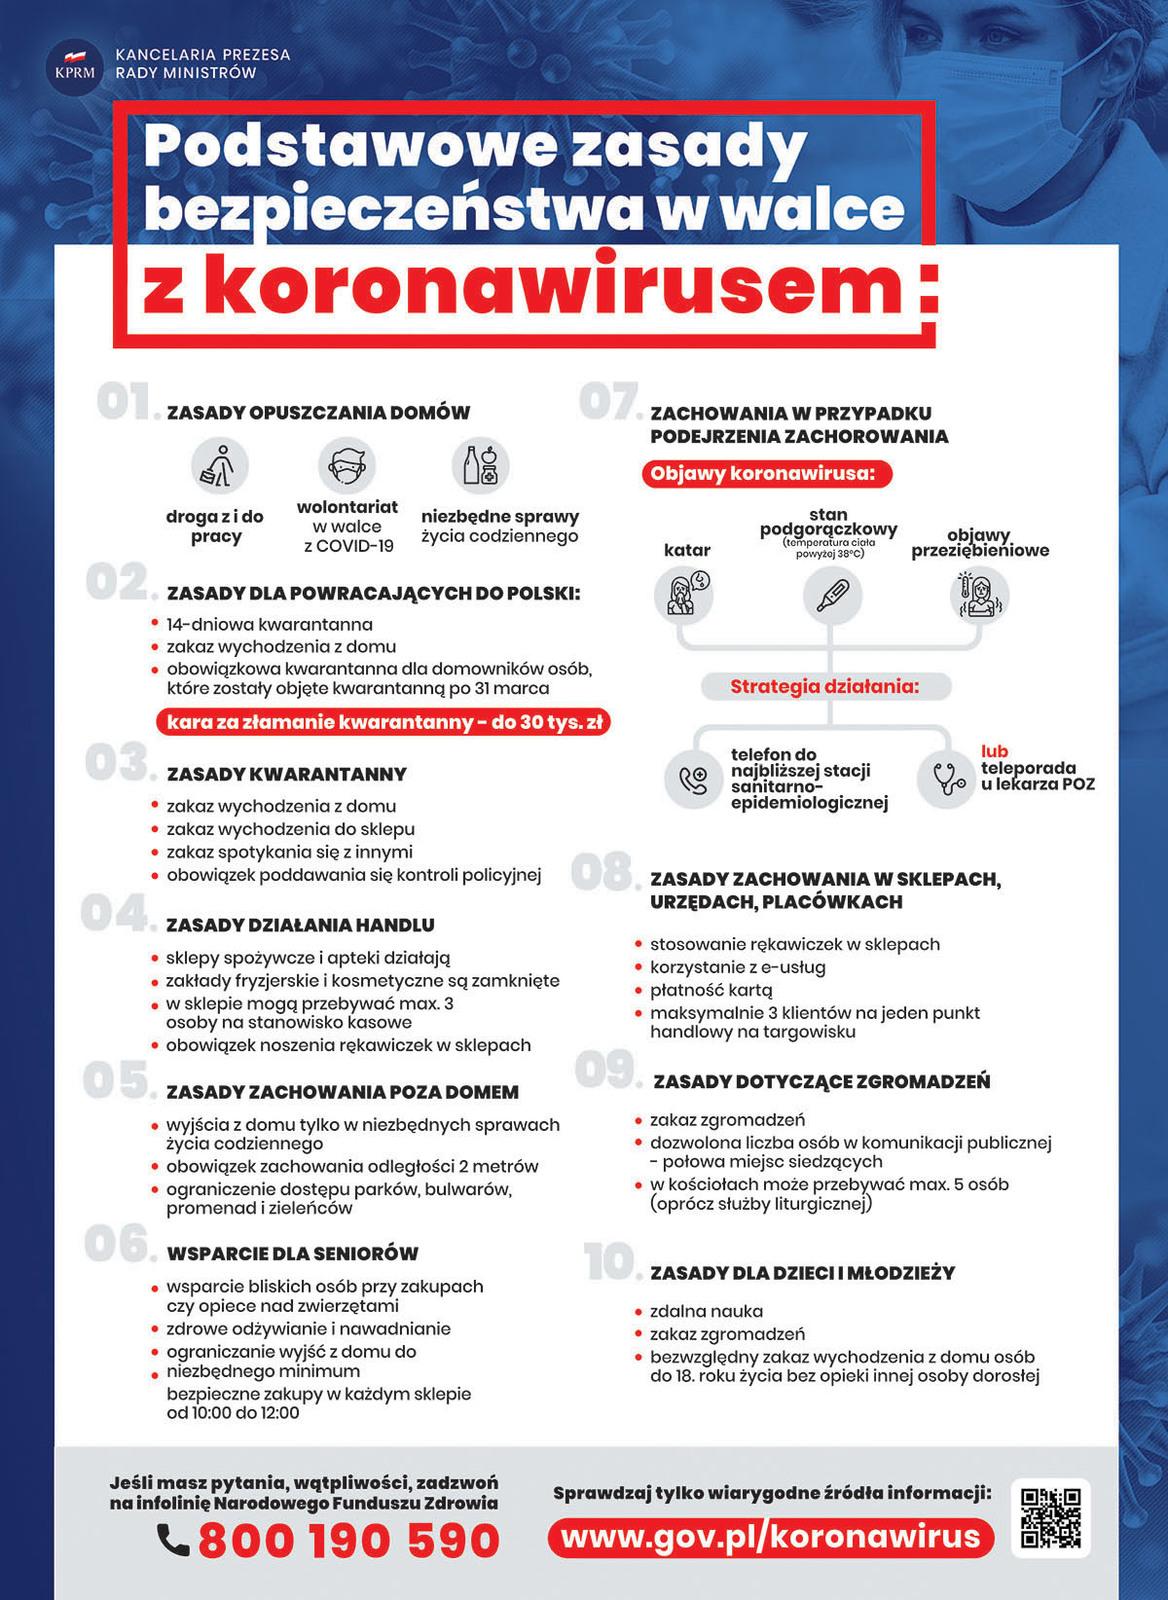 plakat-koronawirus06-04-2020.jpeg